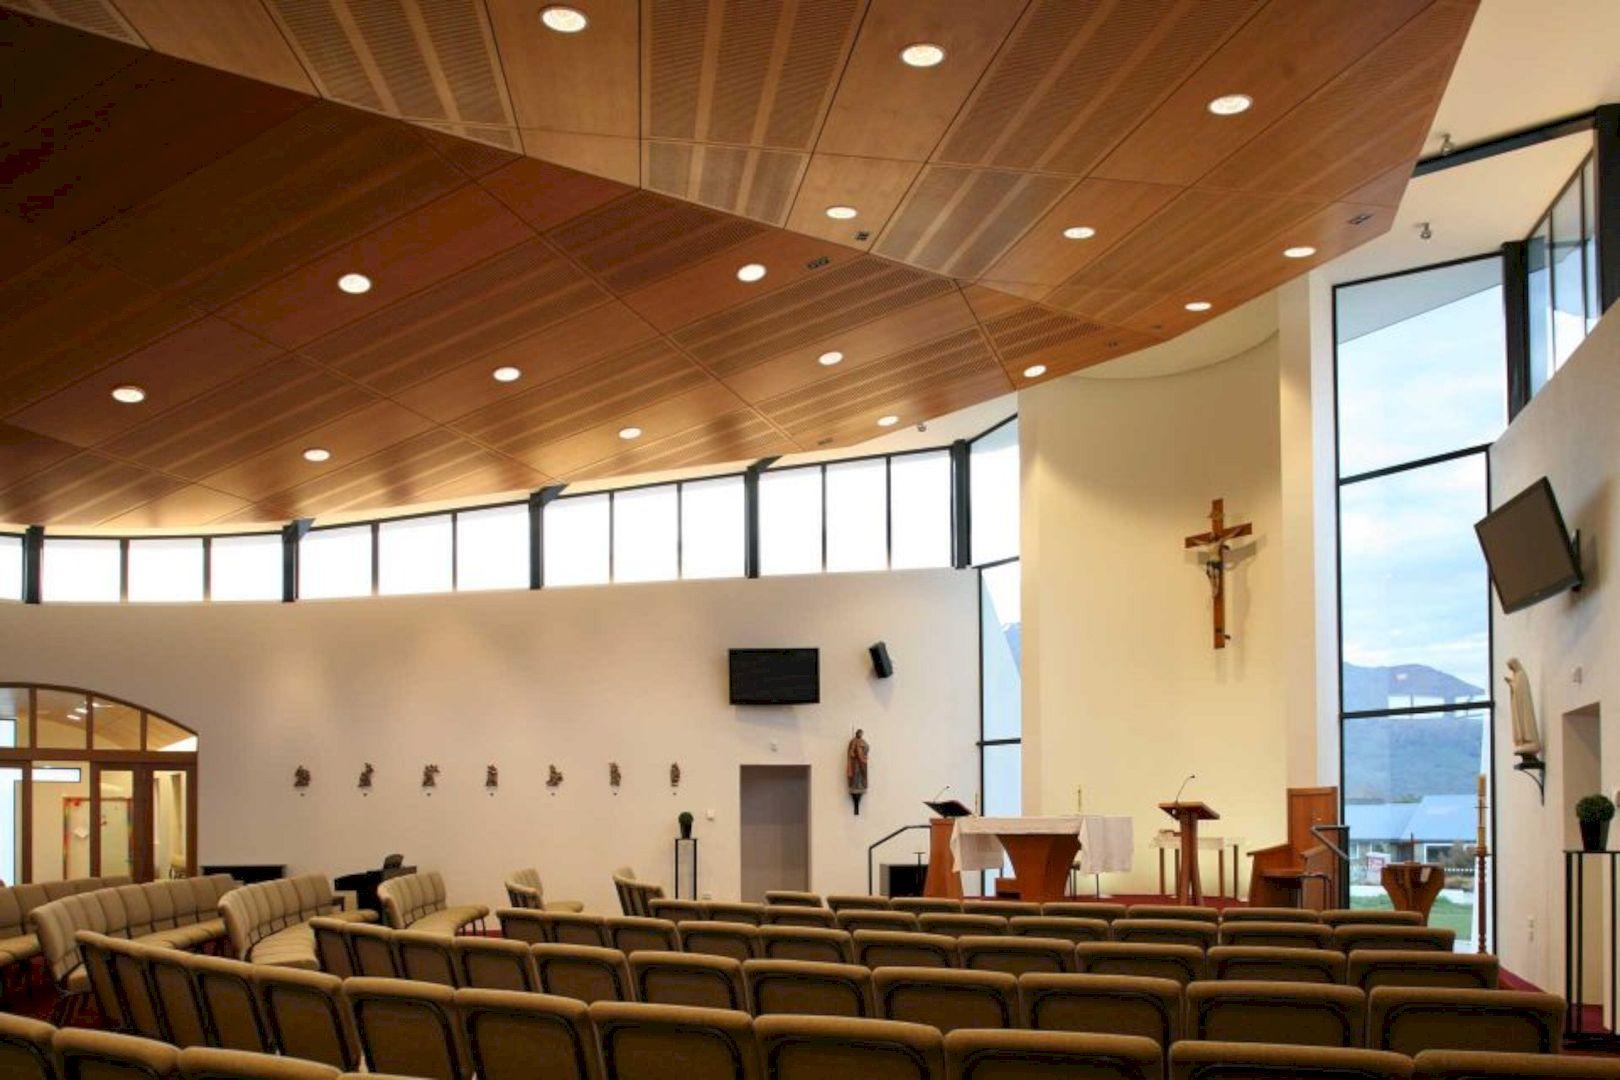 Holy Family Catholic Church By Condon Scott Architects 9